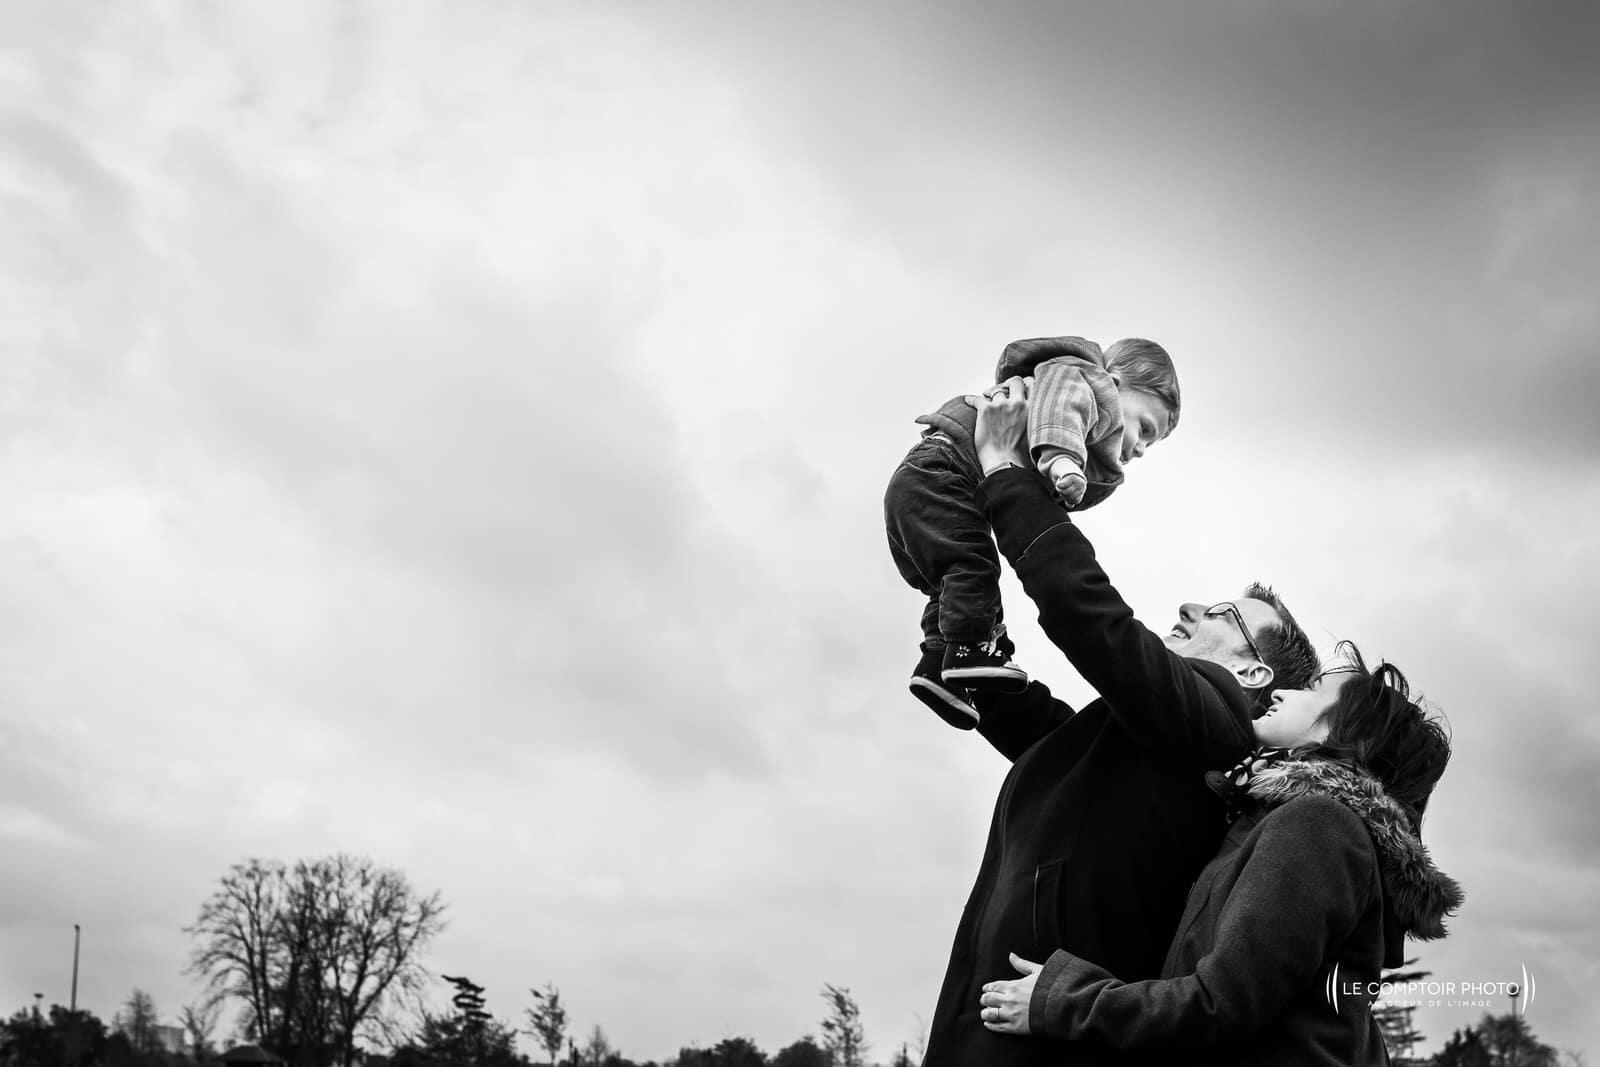 photographe de famille en bretagne 031 | Le Comptoir Photo